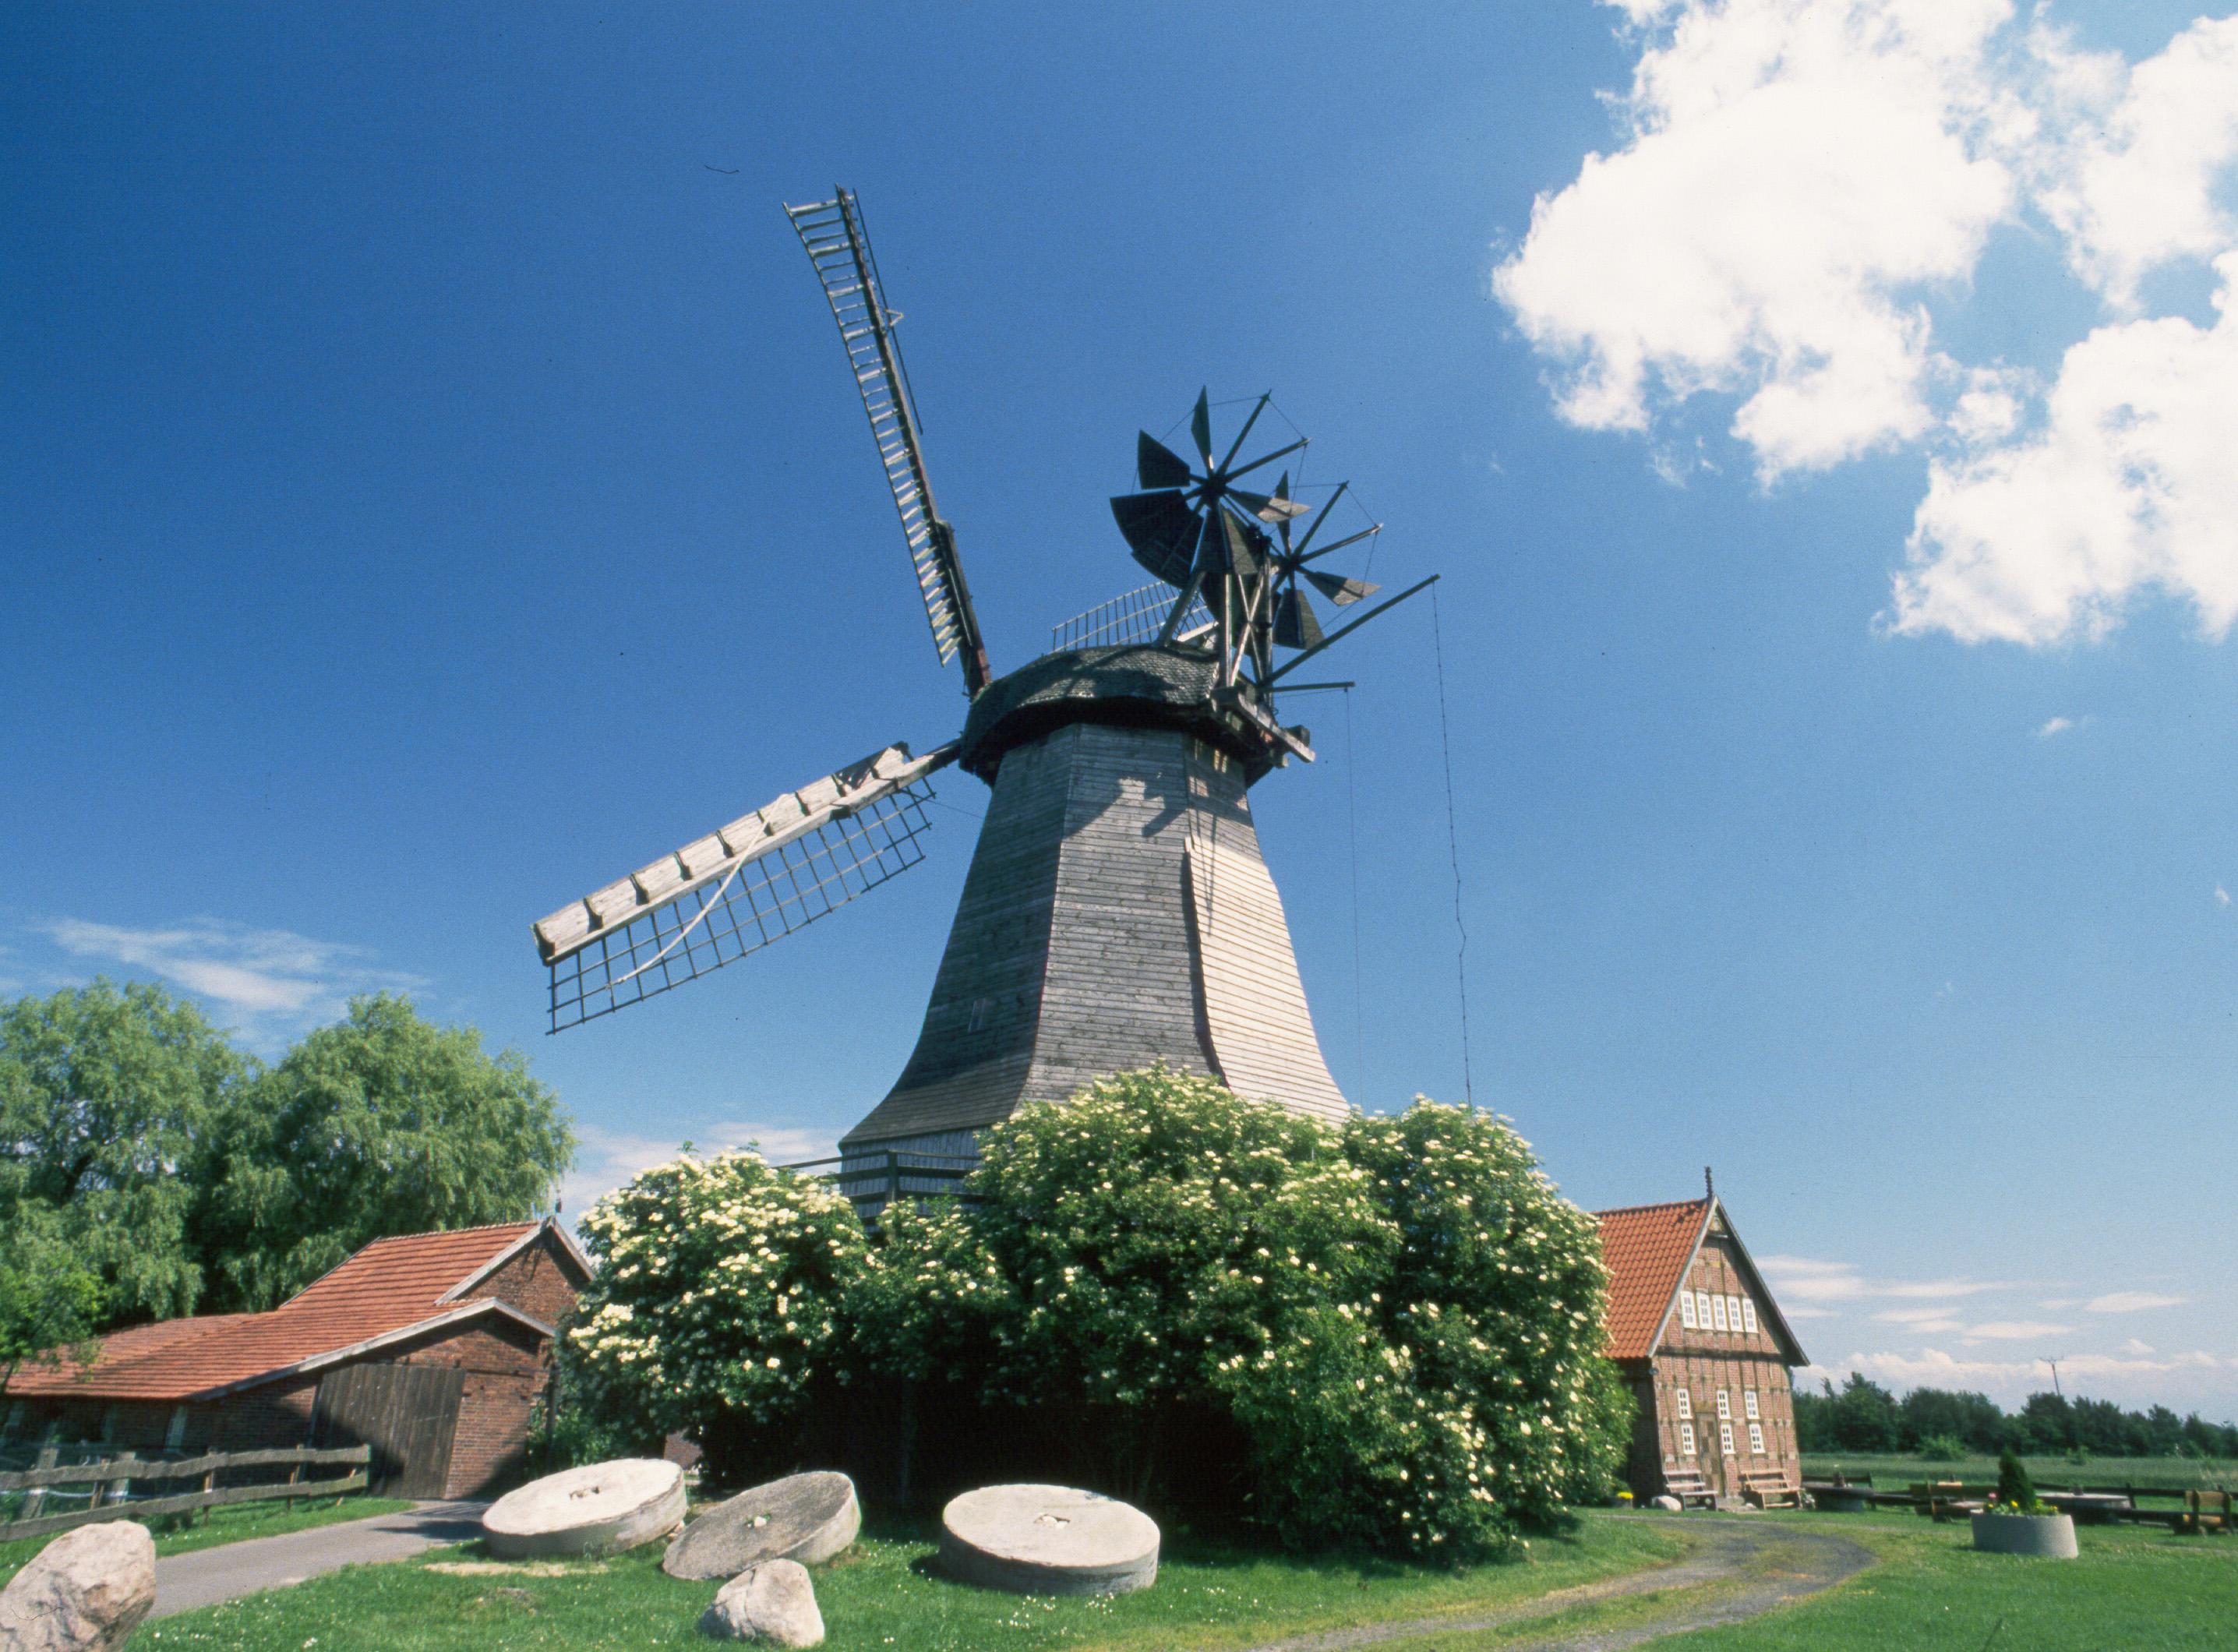 Meßlinger Mühle